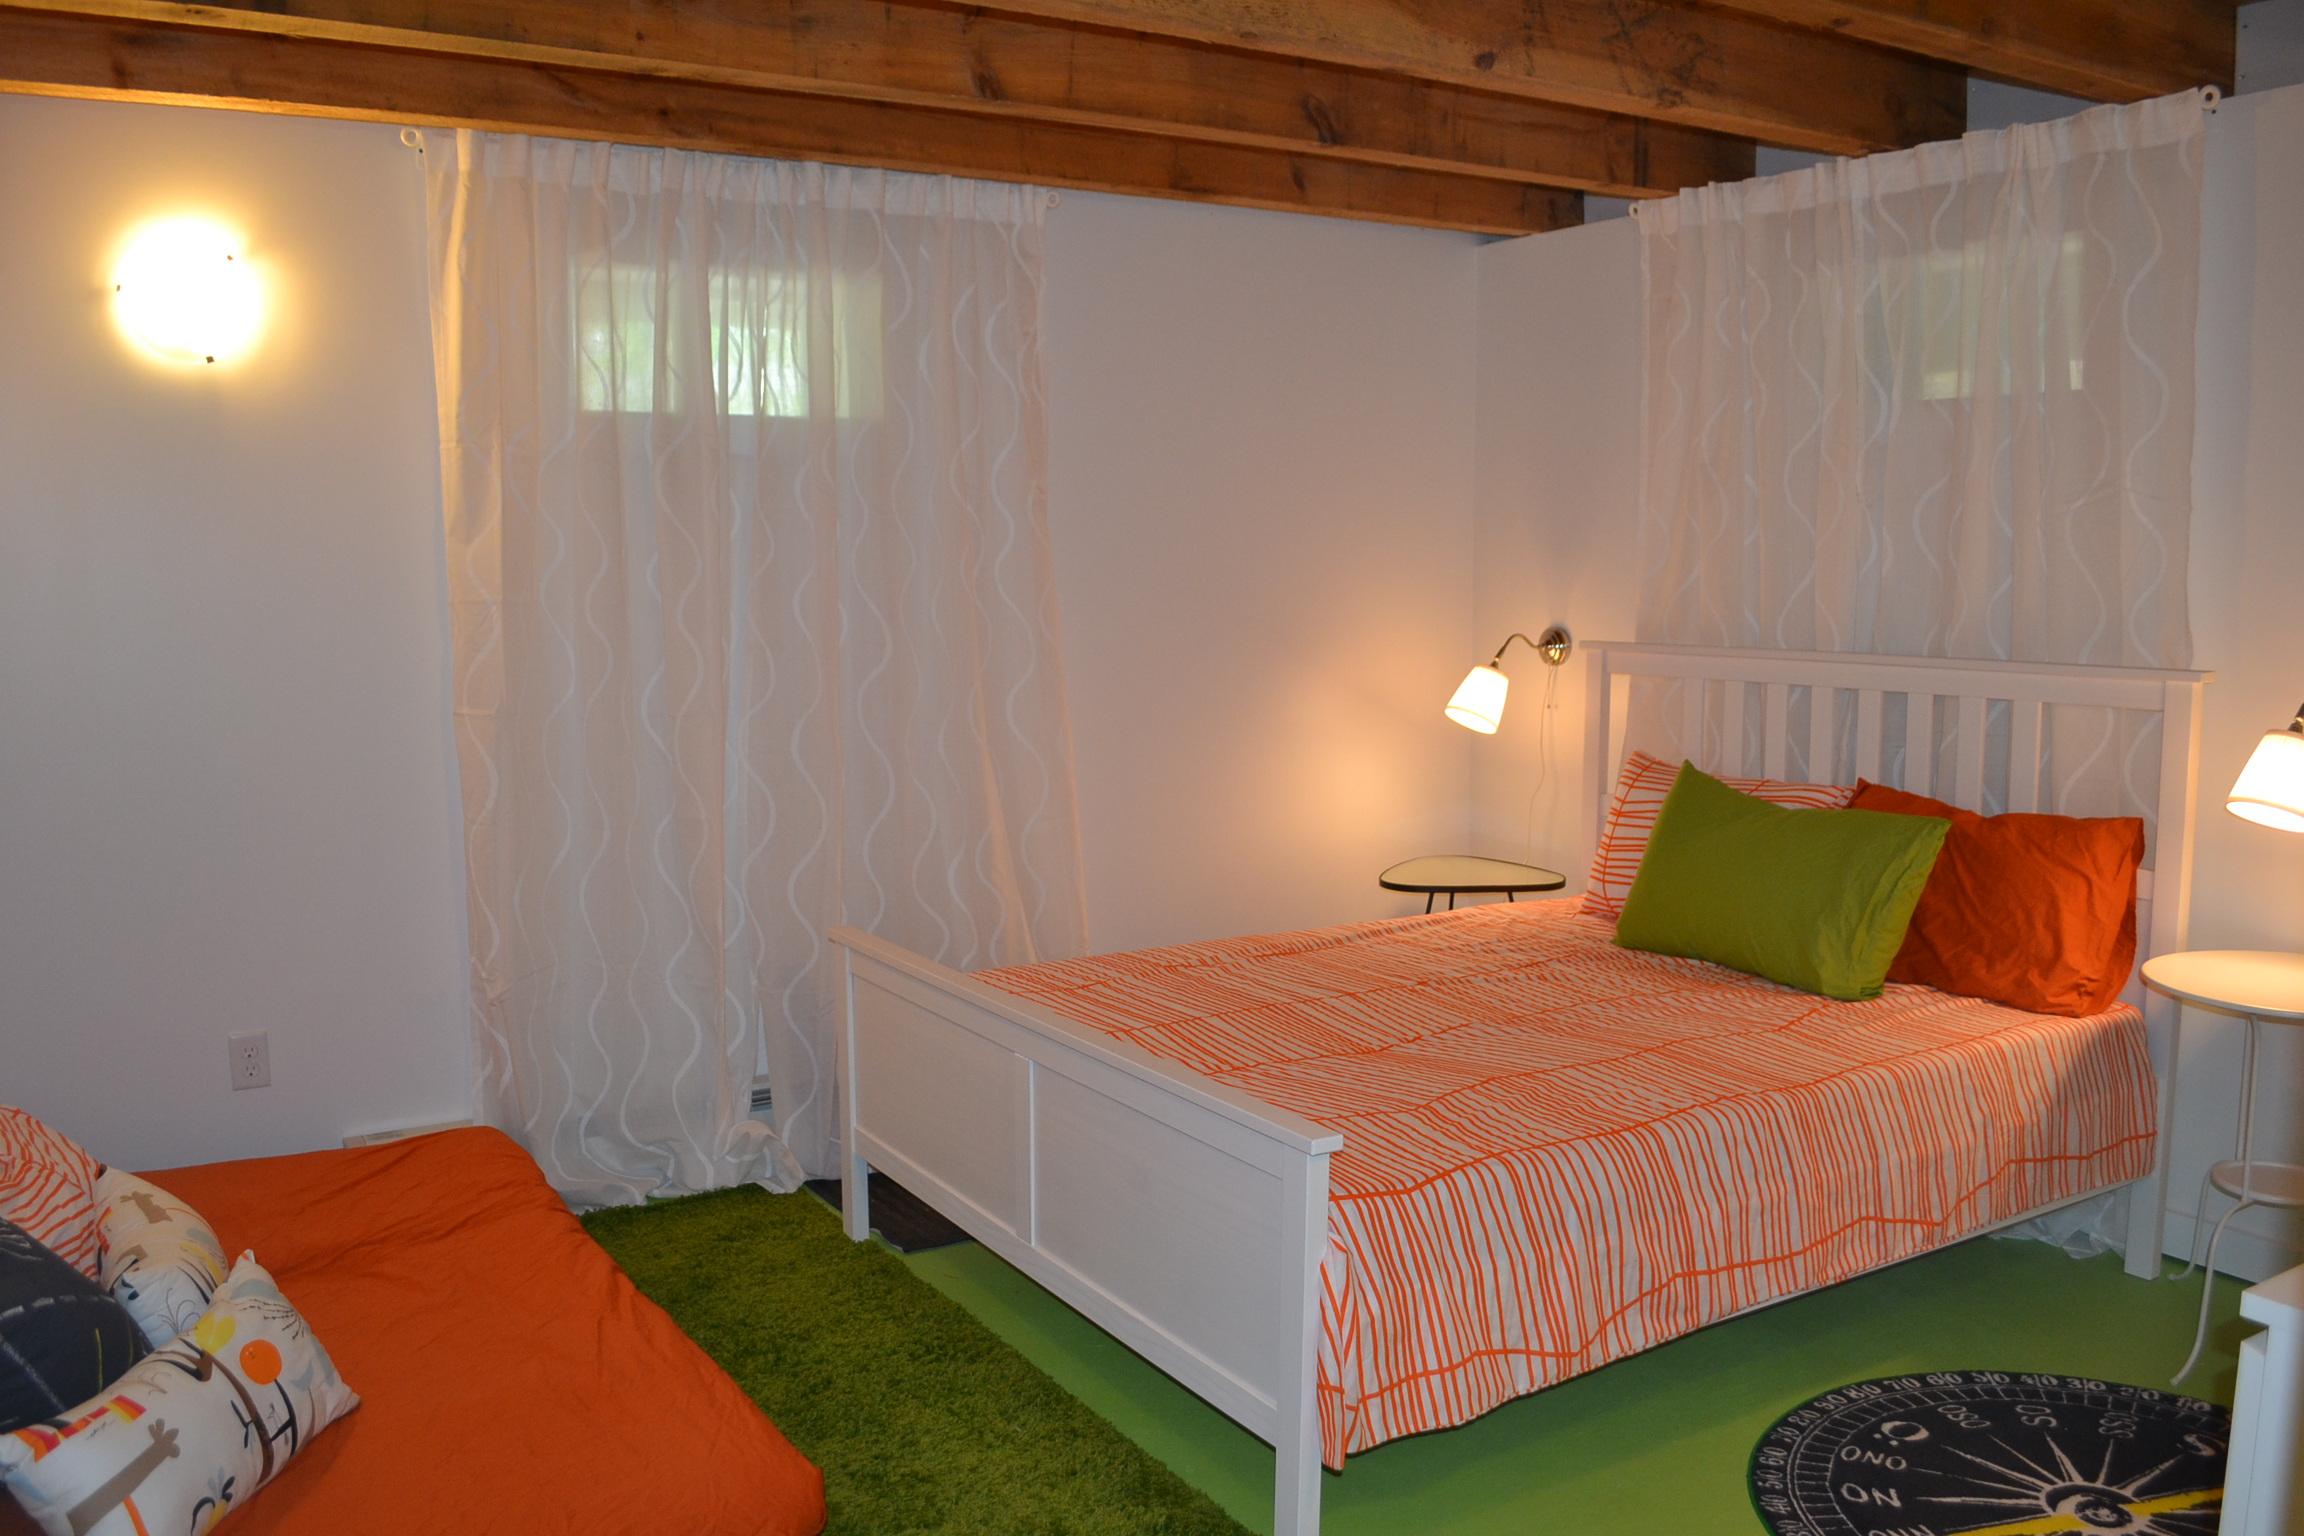 DSC_2029 Bedroom4.JPG